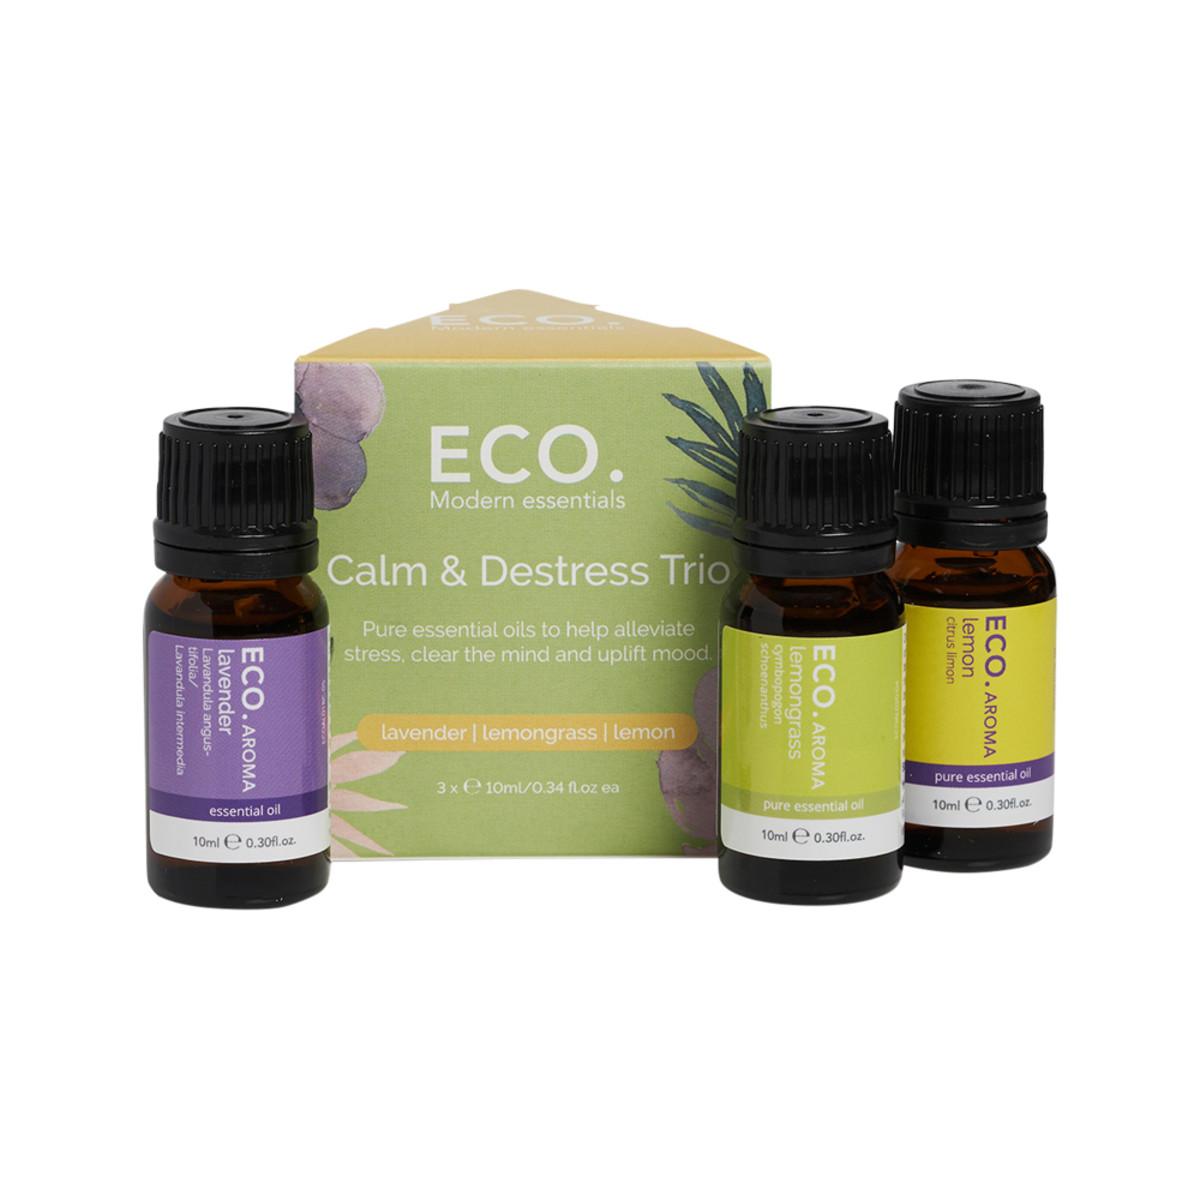 ECO Aroma Essential Oil Trio Calm and Destress 10ml x 3 Pack_media-01